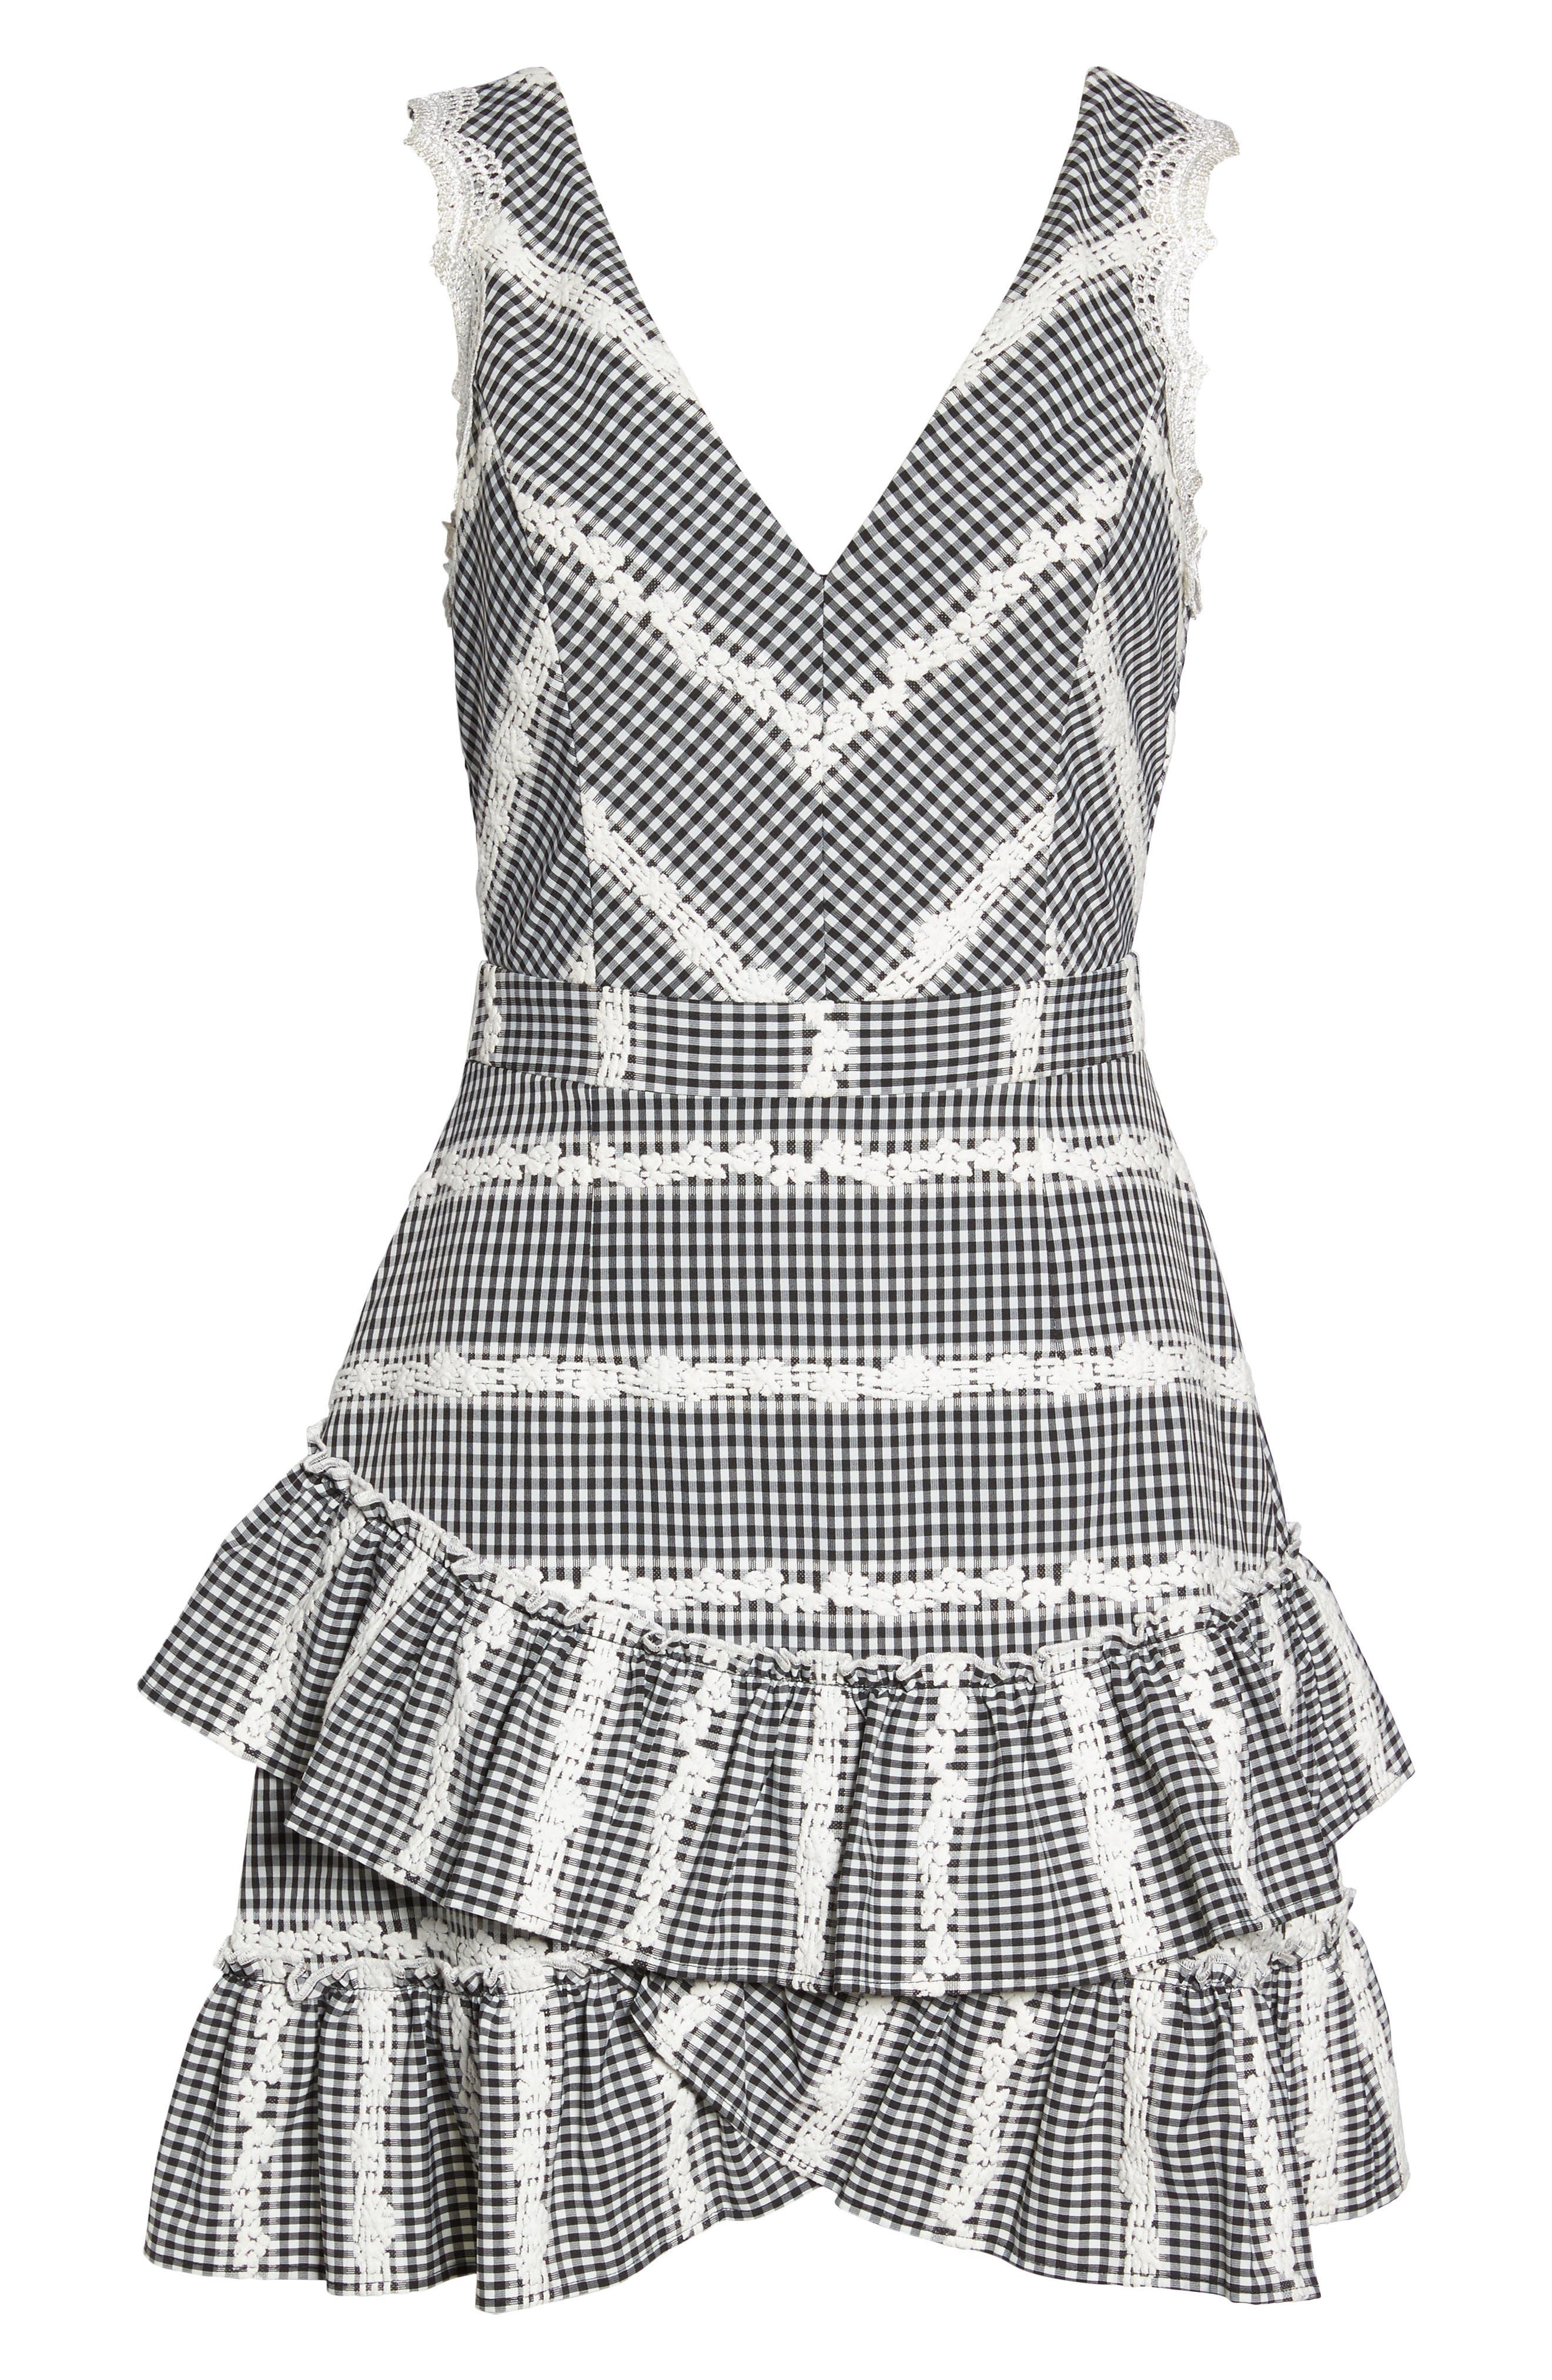 Belle Ruffle Gingham Dress,                             Alternate thumbnail 6, color,                             001